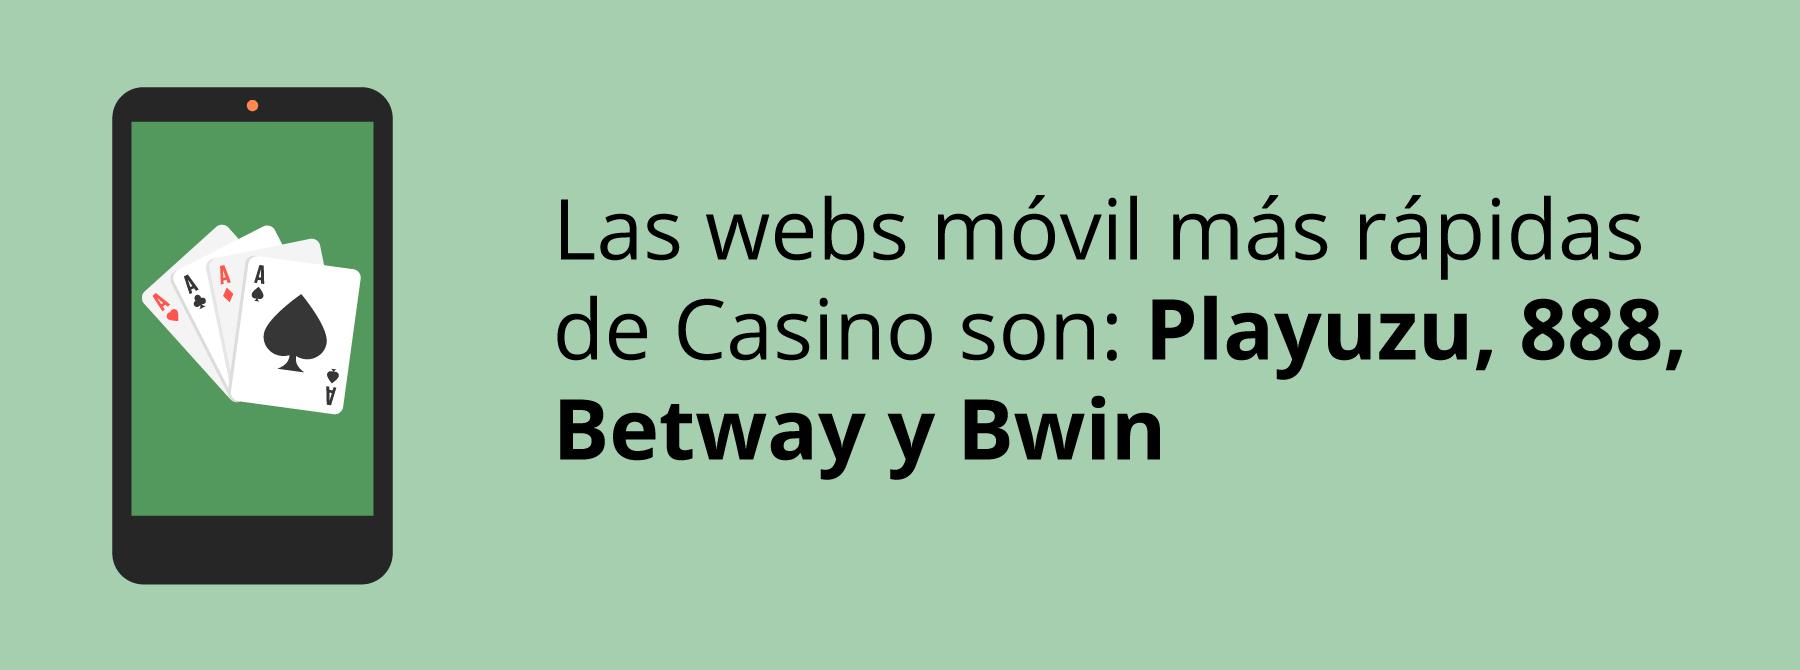 Dónde jugar a casino online desde el smartphone